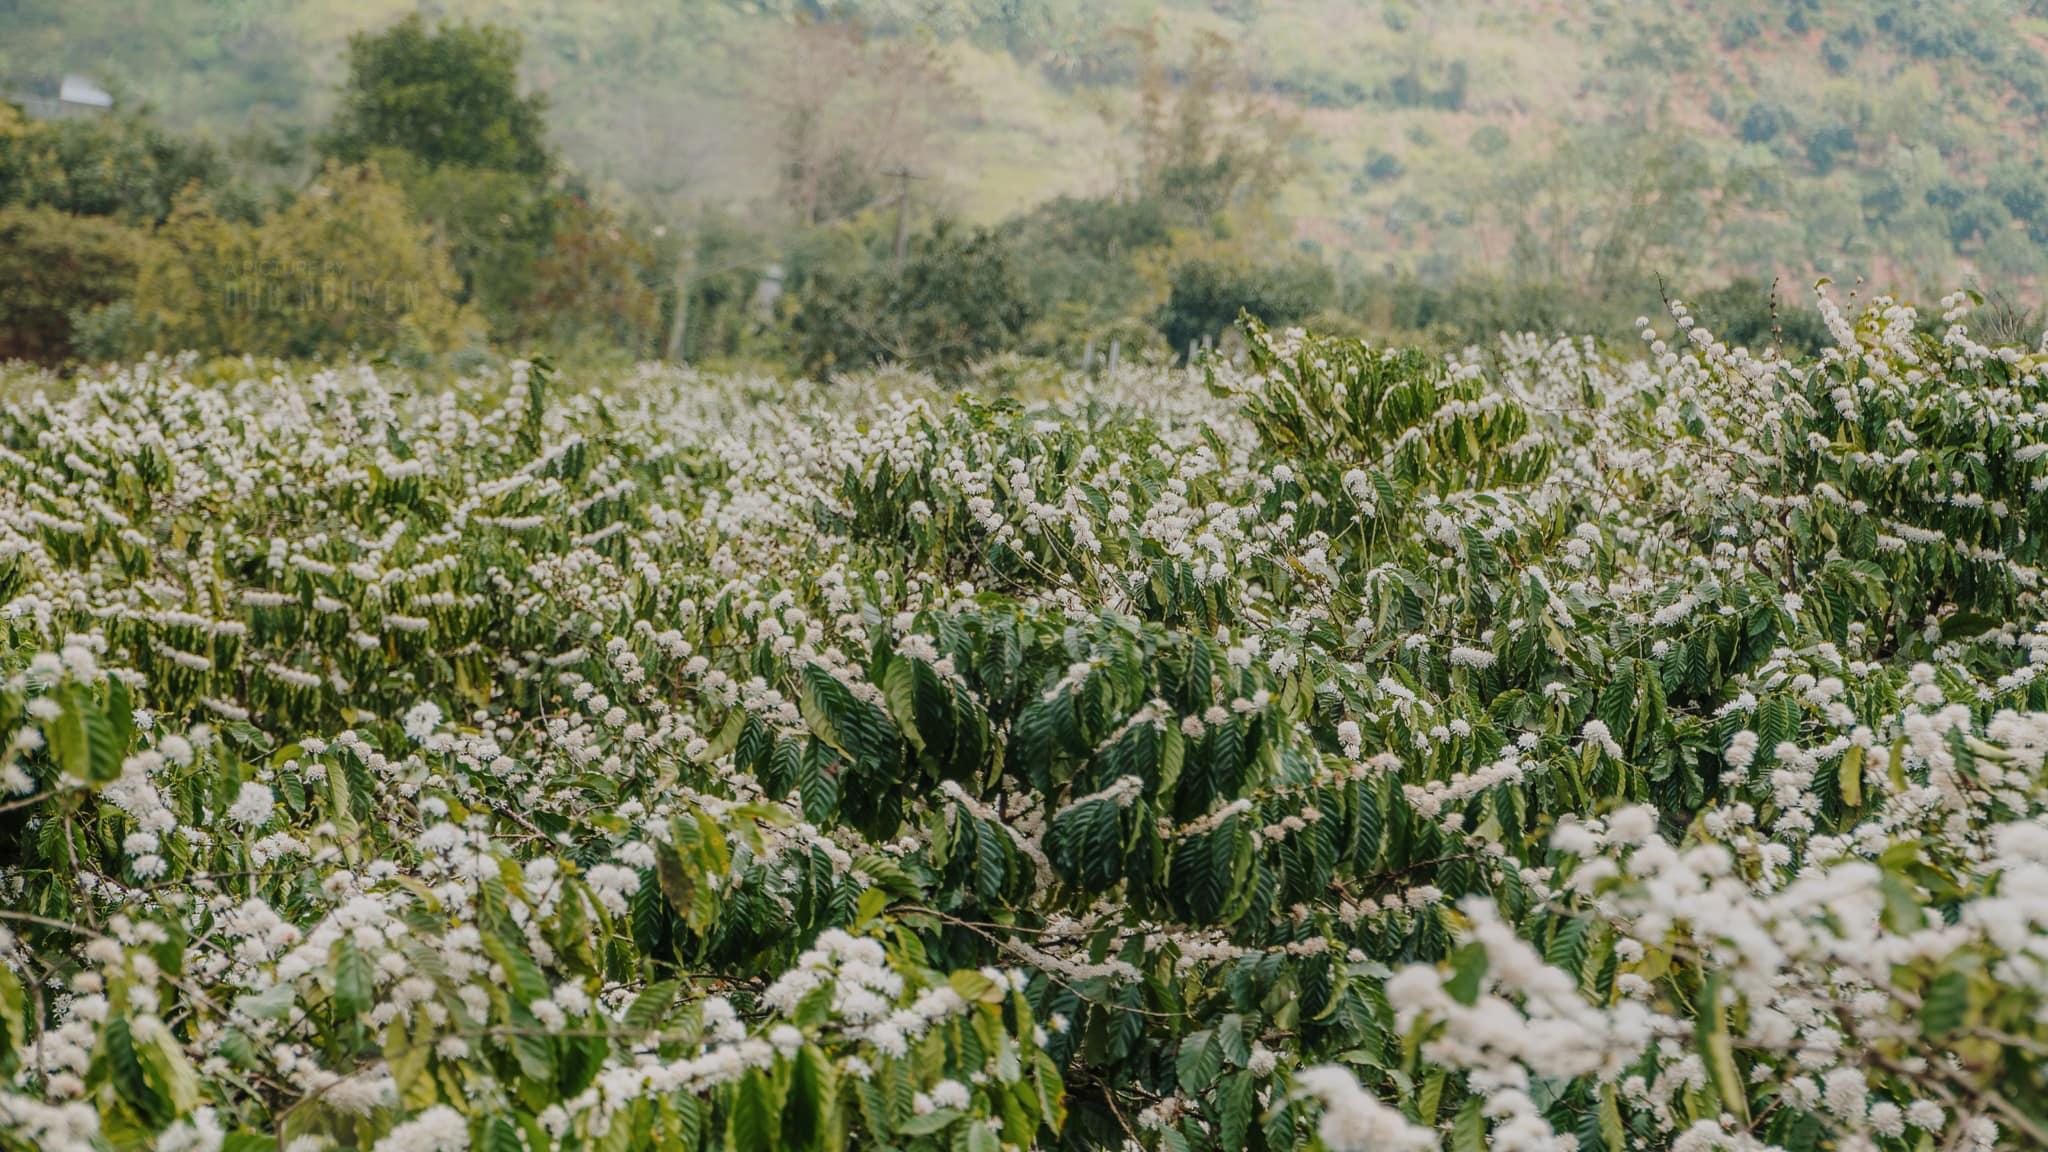 Rừng hoa cà phê Tây Nguyên nở rộ vào tháng 3. Hình: Sưu tầm